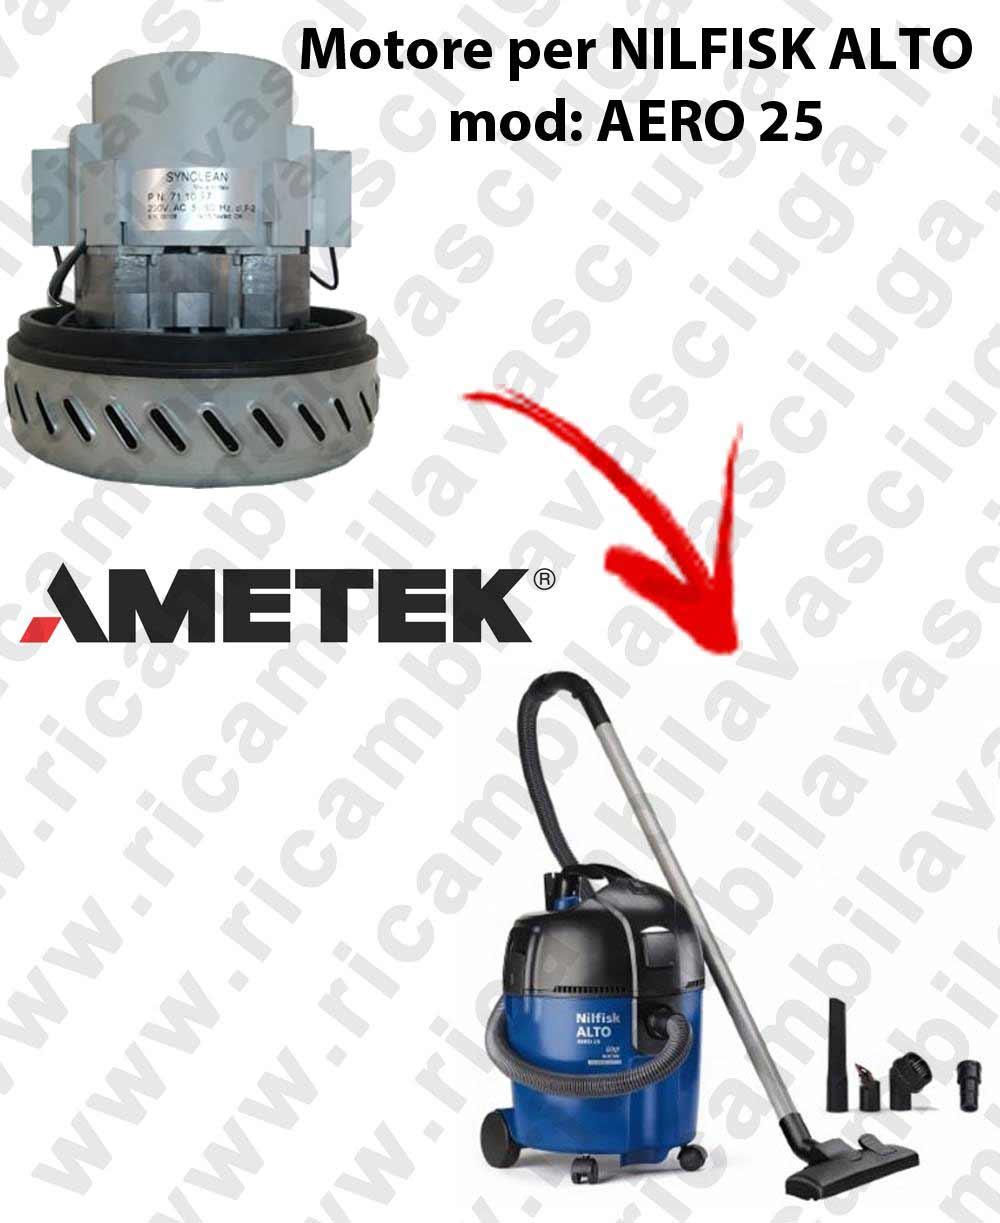 AERO 25 - Motore aspirazione per aspirapolvere  NILFISK ALTO